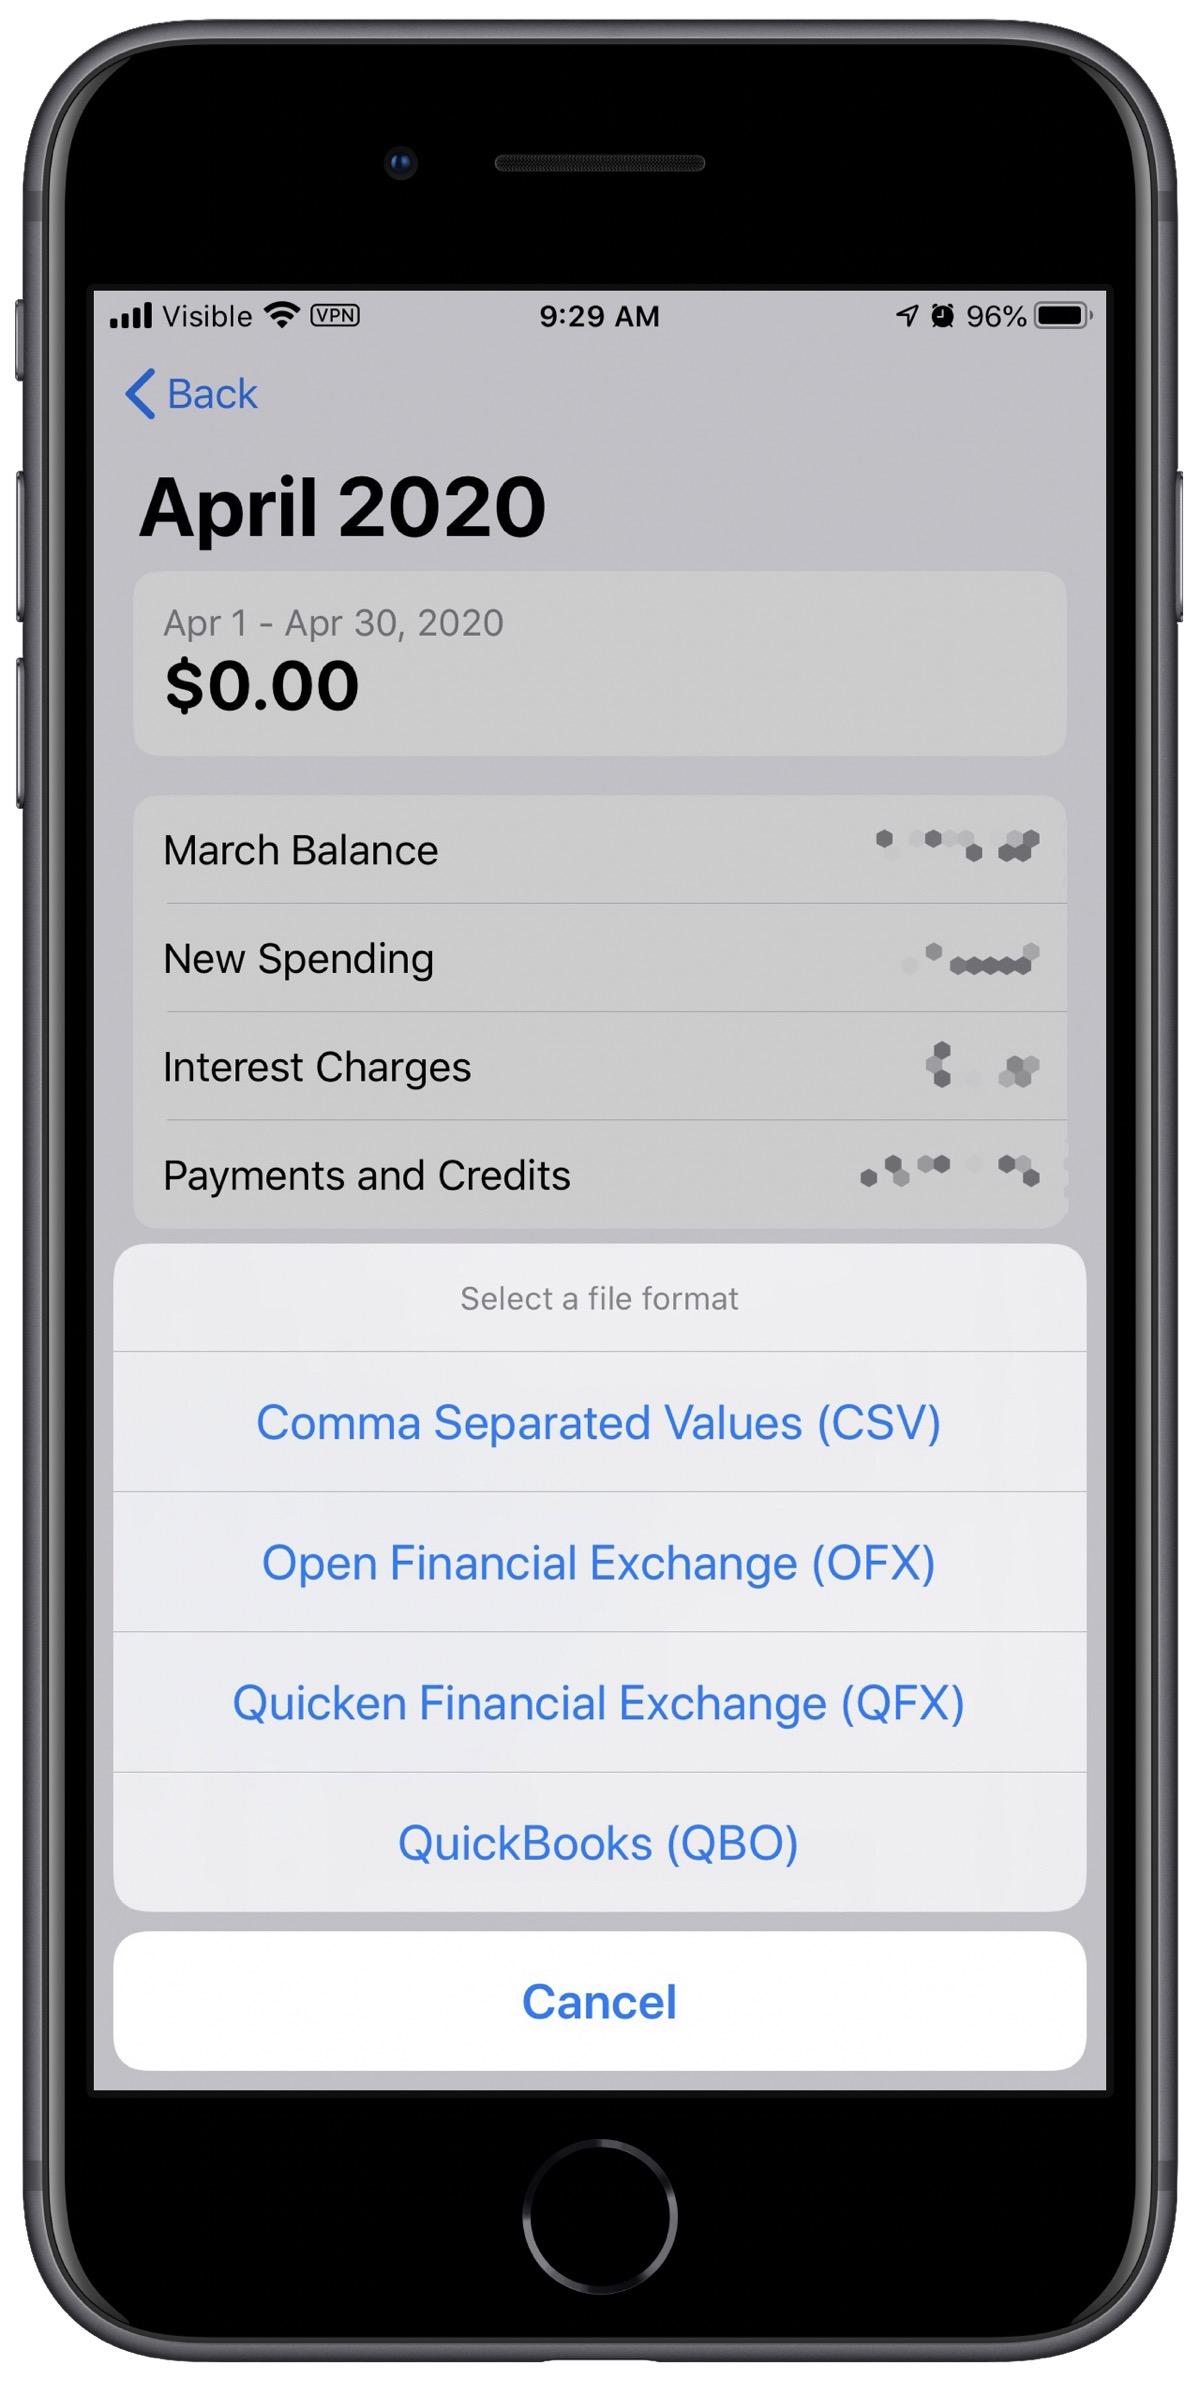 Export Apple Card transactions quicken Export Apple Card transactions quicken And QuickBooks